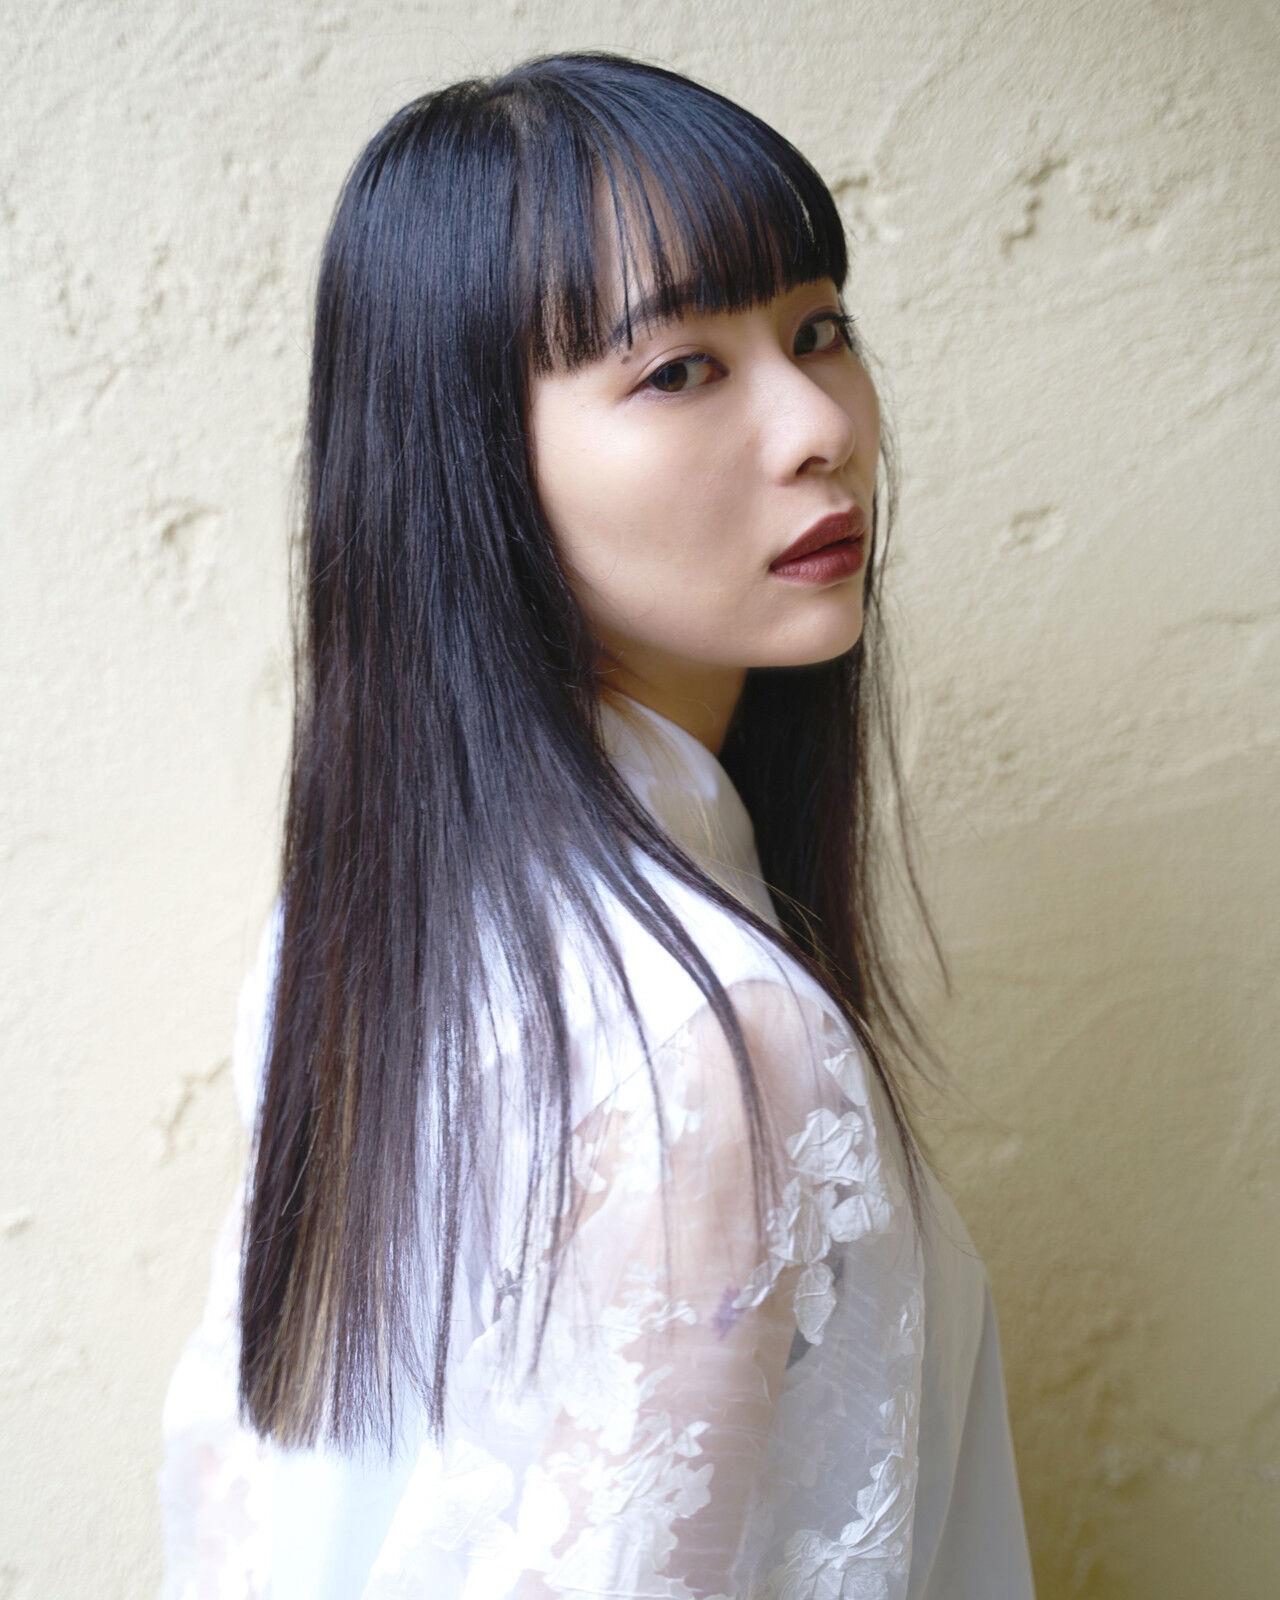 前髪 モード ロング ストレートヘアスタイルや髪型の写真・画像